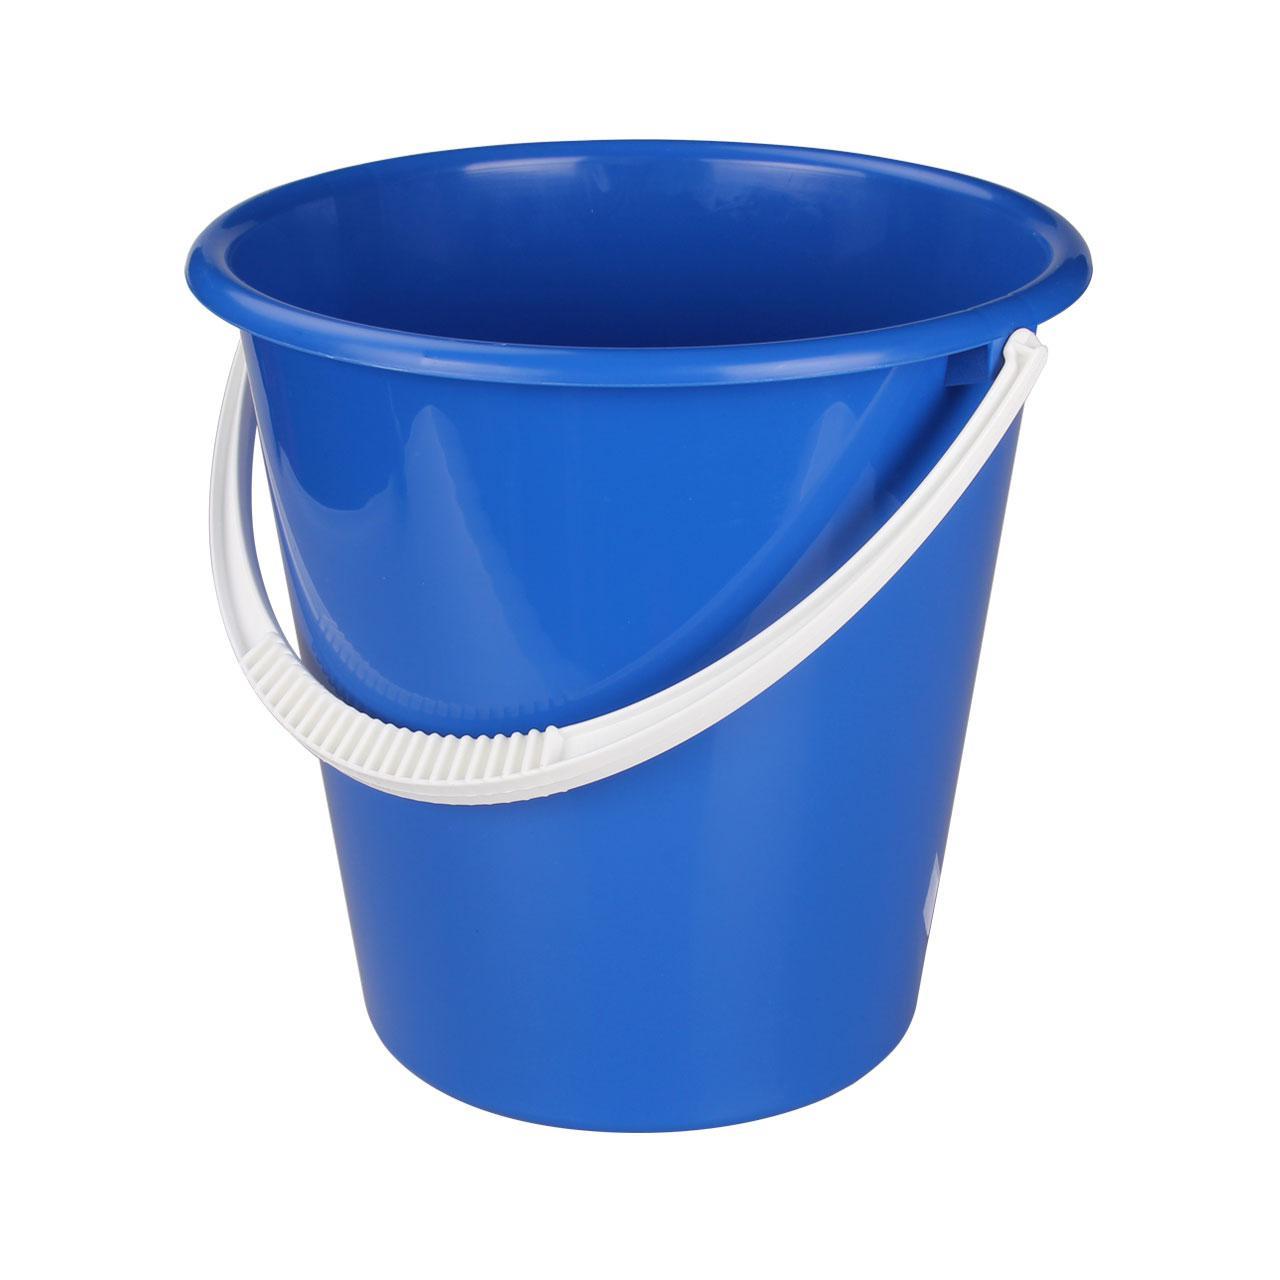 Ведро Альтернатива Крепыш, цвет: синий, 12 лМ520_синийВедро Альтернатива Крепыш, изготовленное из высококачественного пластика, оснащеноудобной ручкой. Оно легче железного и не подвергается коррозии.Такое ведро станет незаменимым помощником в хозяйстве. Диаметр (по верхнему краю): 30 см. Высота: 29 см.